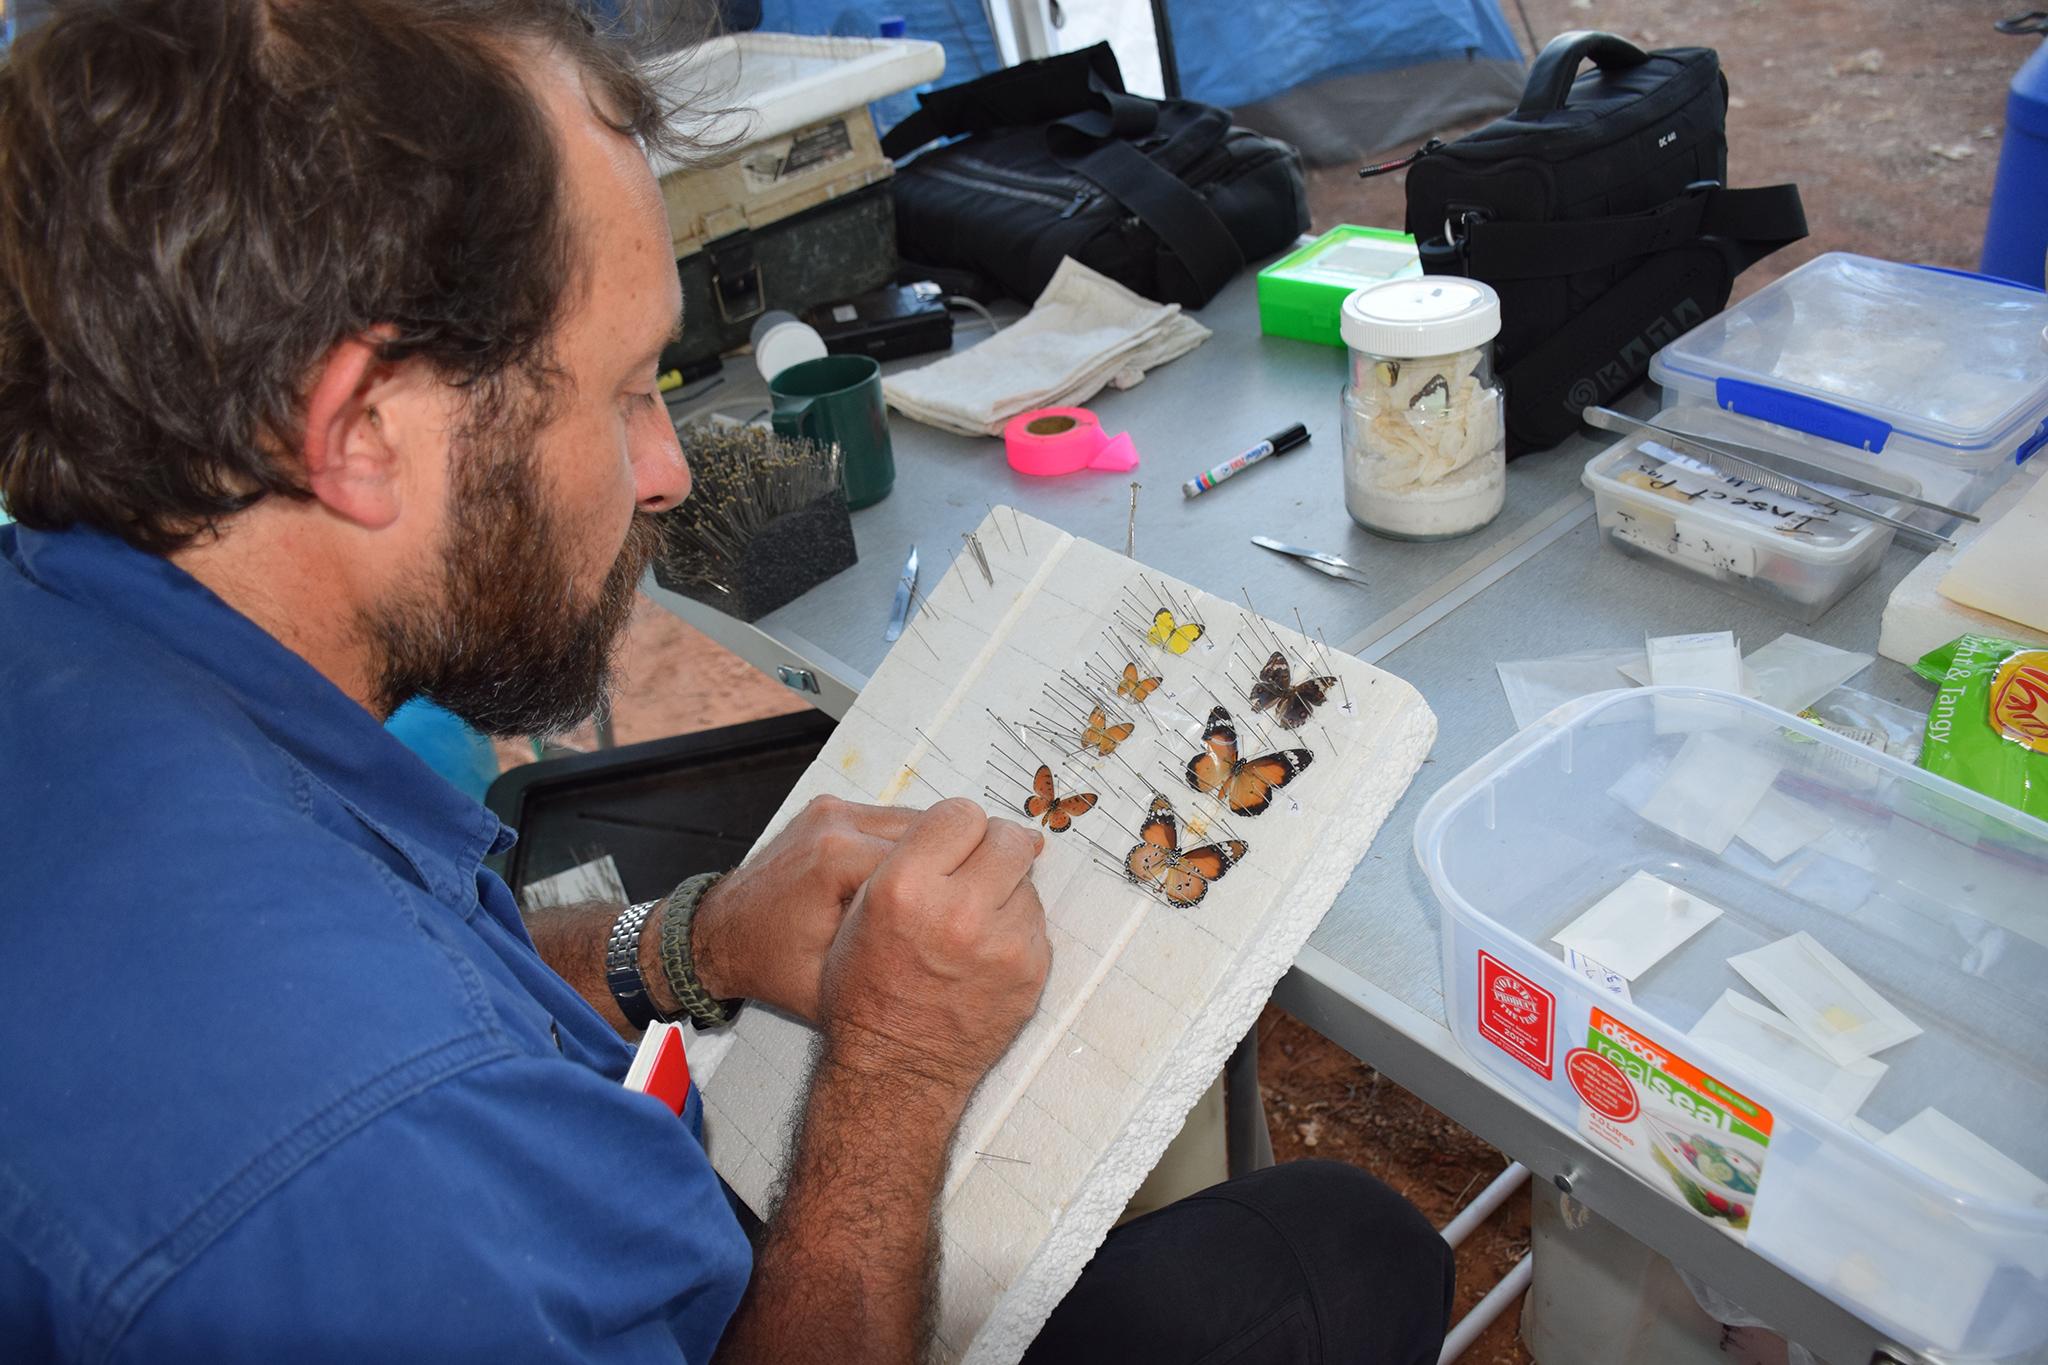 Jared Archibald pinning butterflies